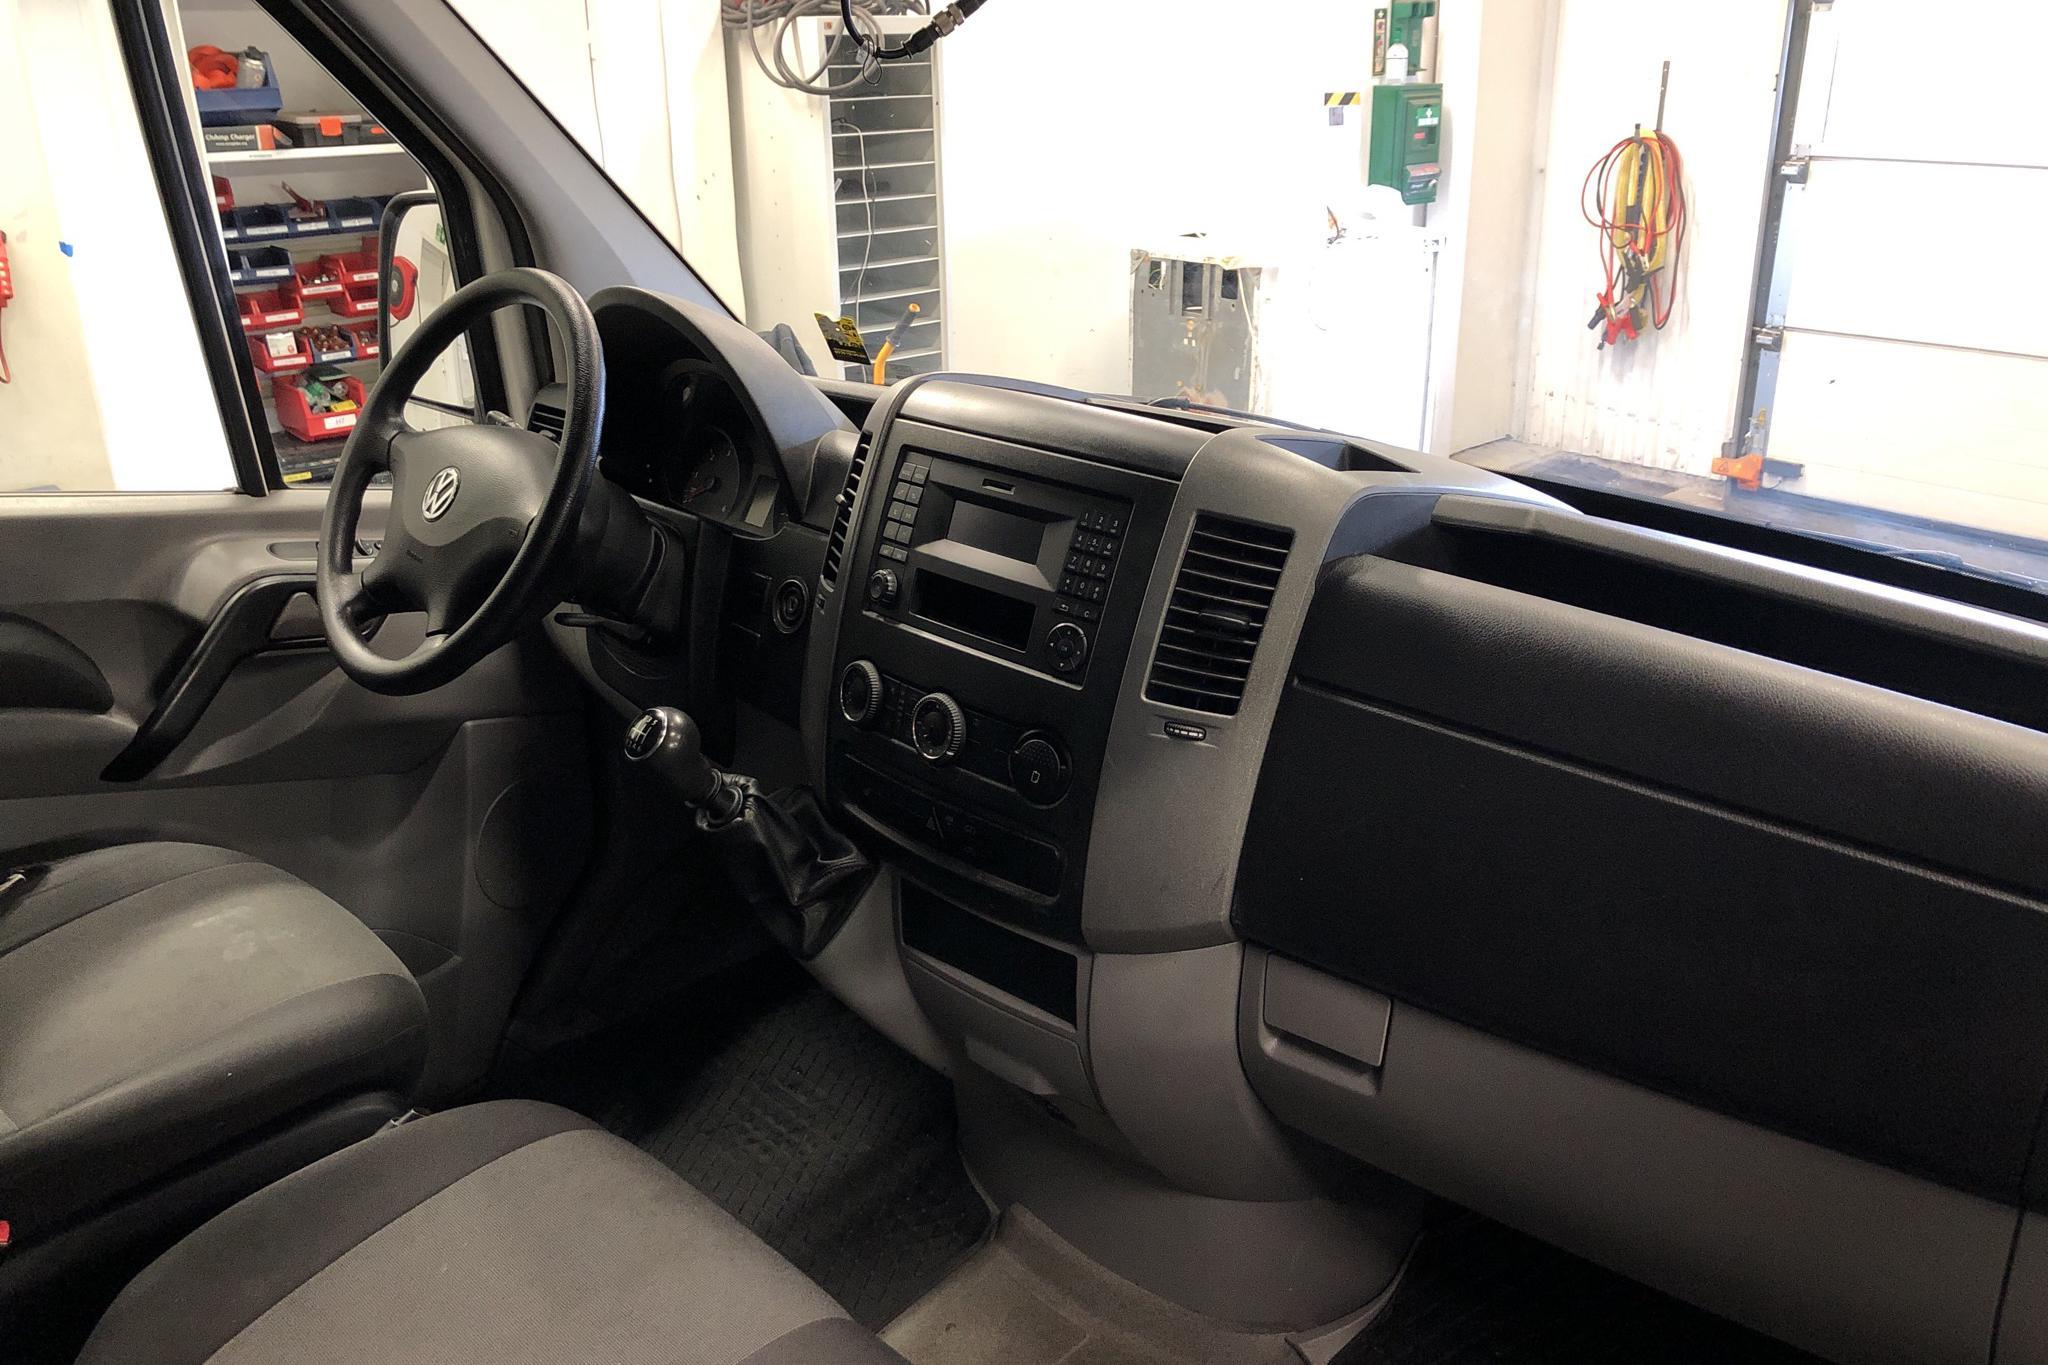 VW Crafter 35 2.0 TDI Skåp (163hk) - 6 961 mil - Manuell - vit - 2016